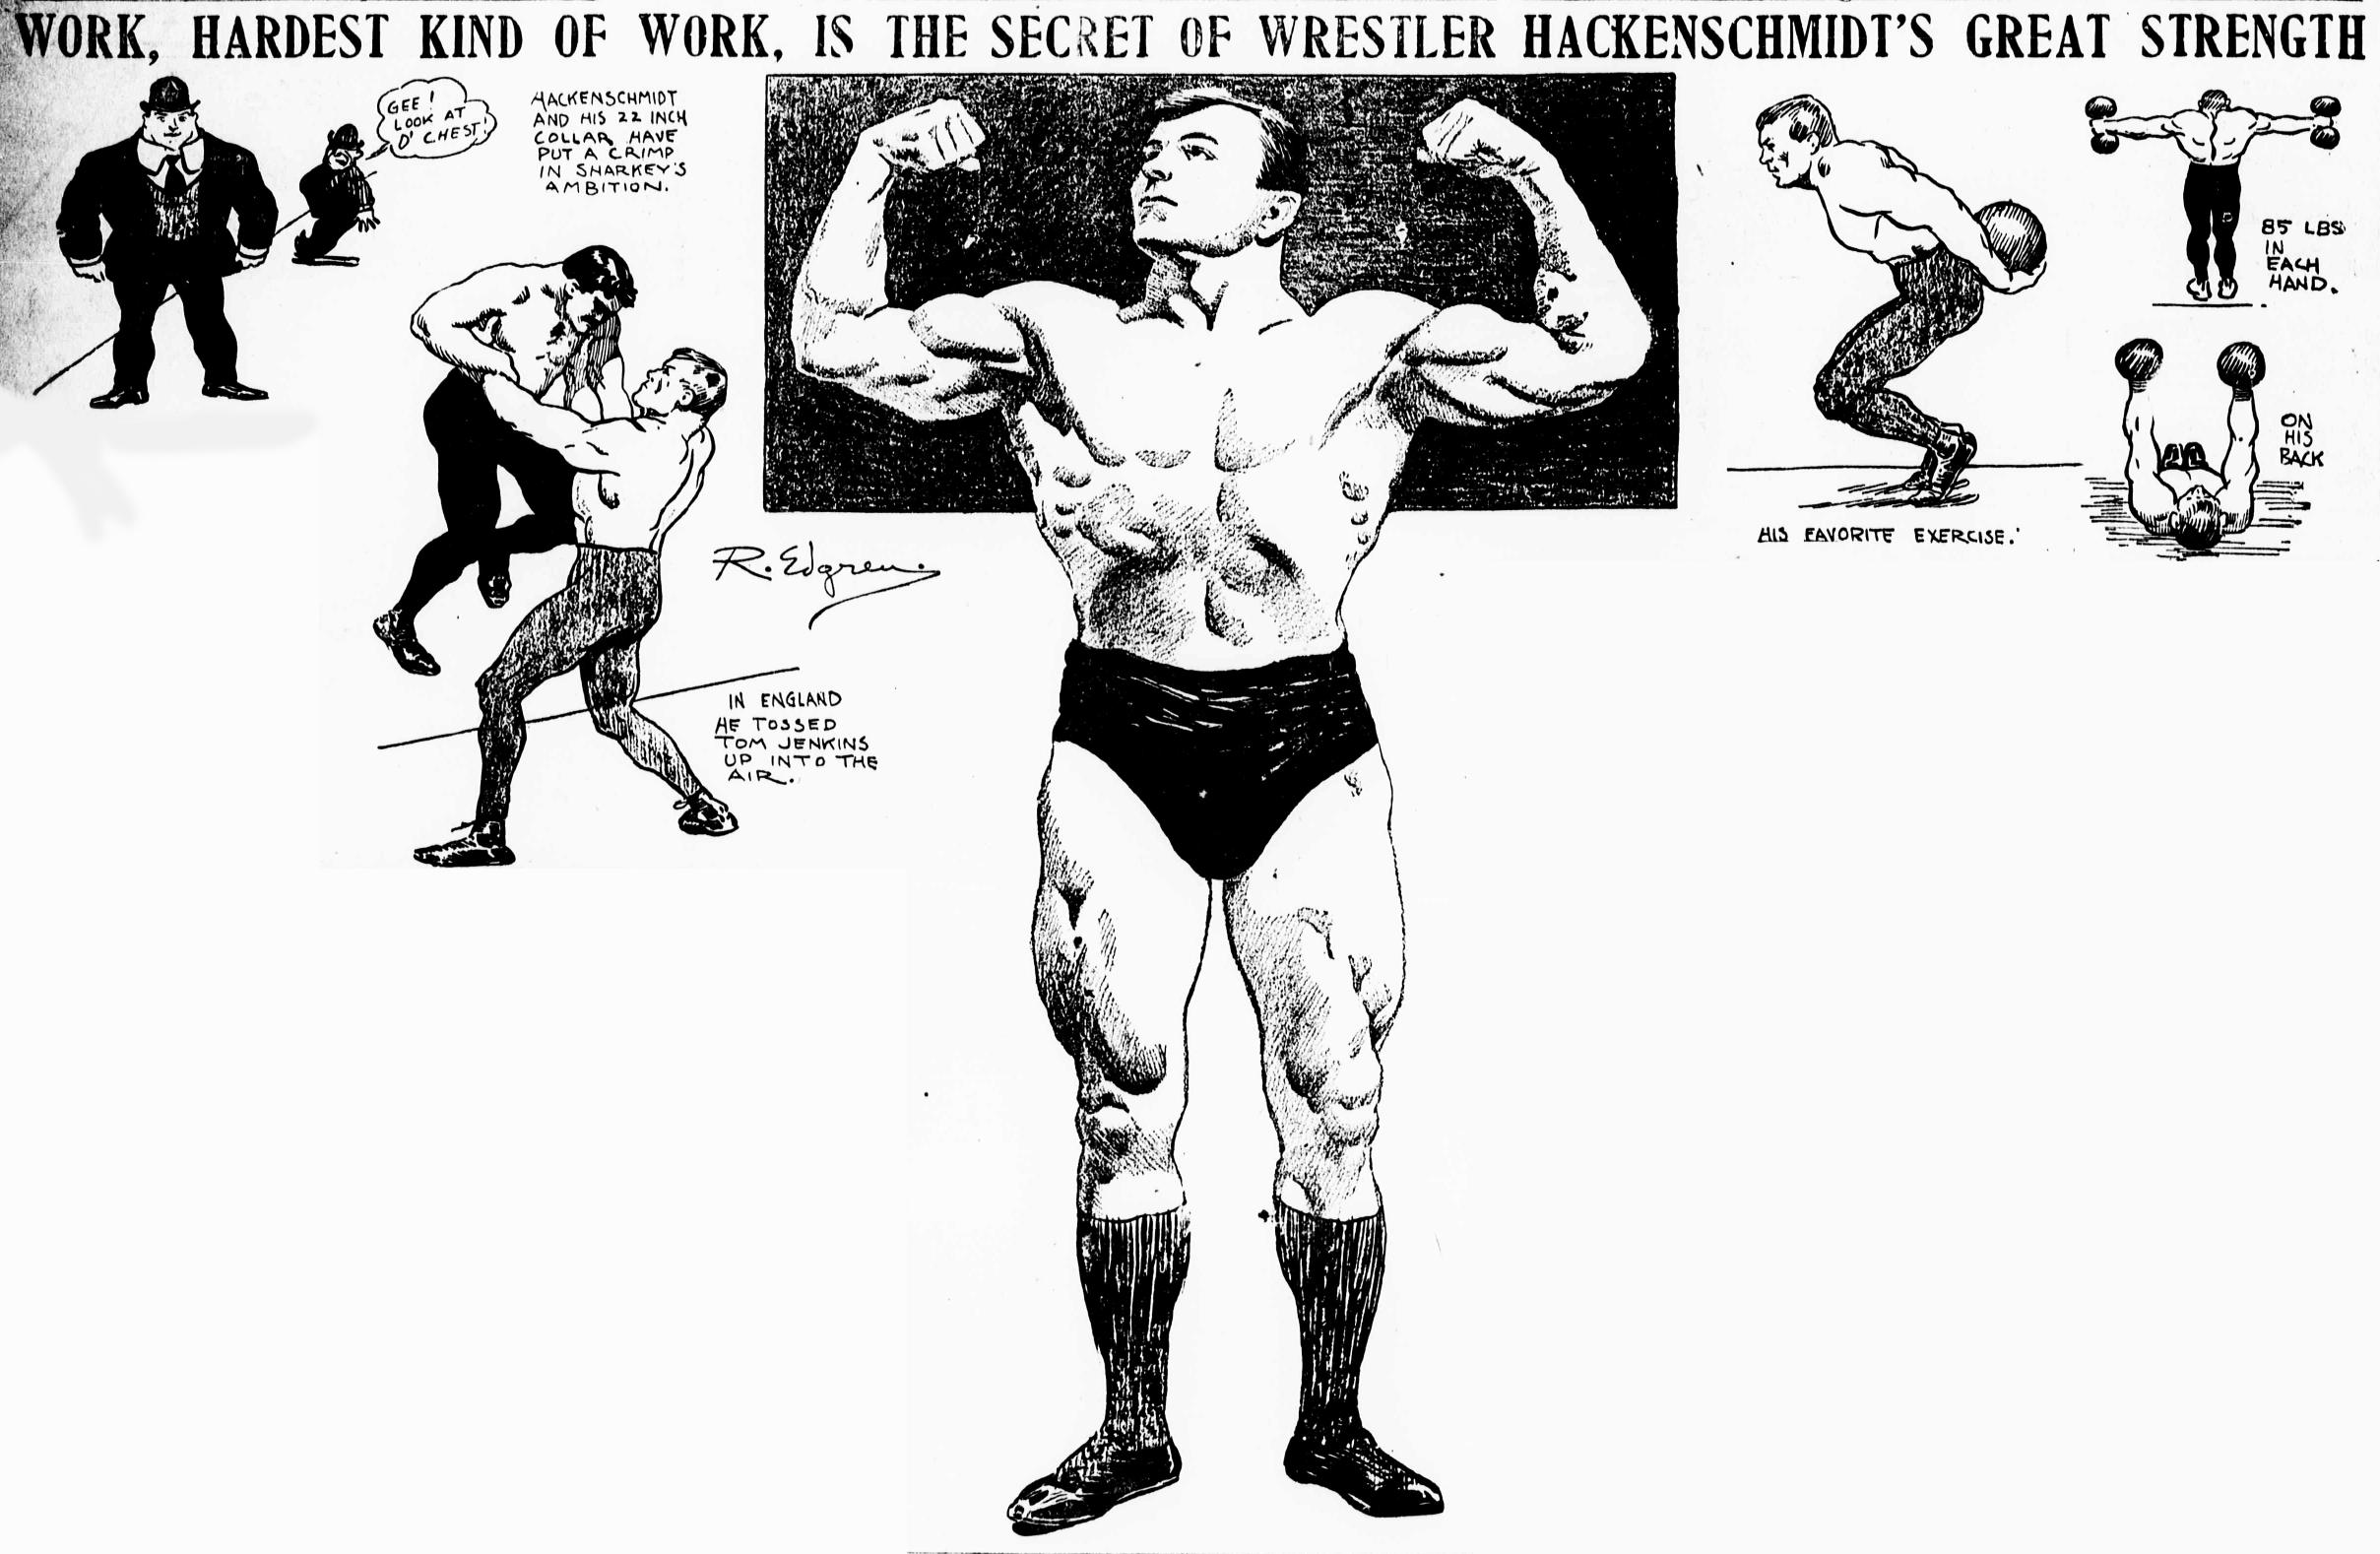 変換 ~ george-hackenschmidt-hard-work-article-4-8-1905